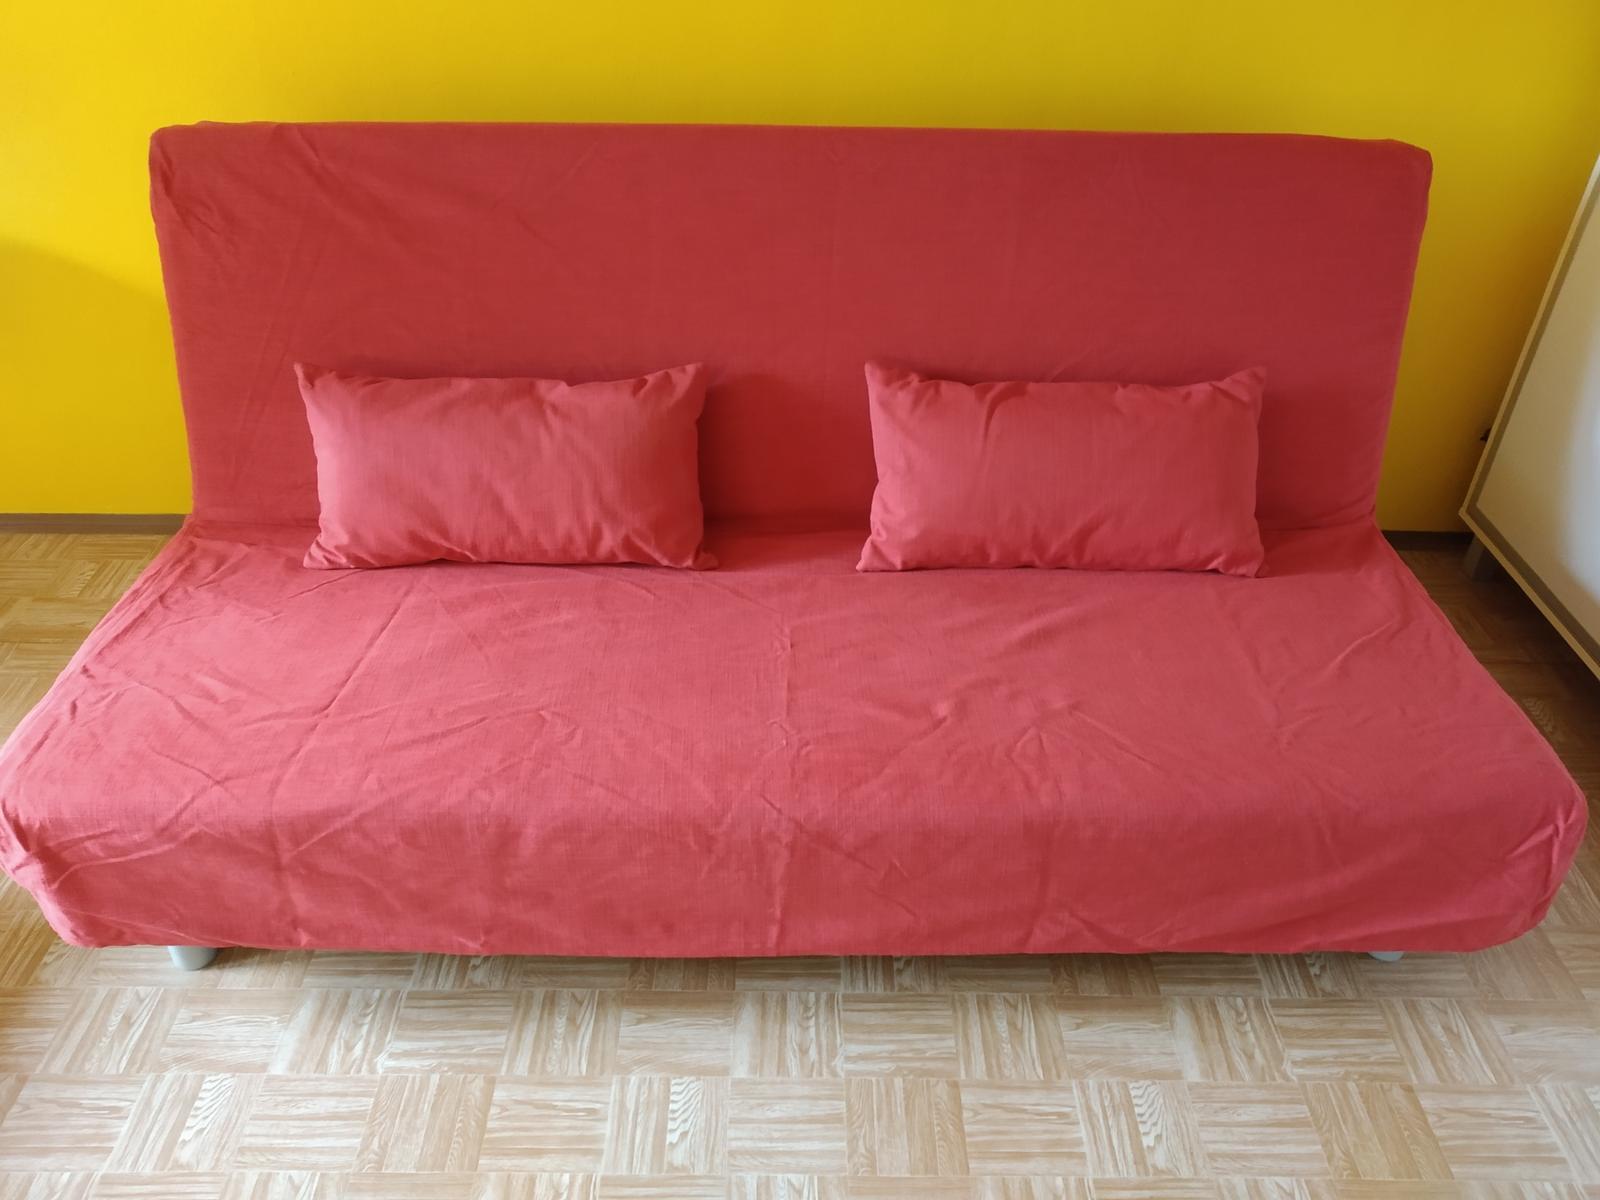 Poťah na pohovku IKEA Beddinge - Obrázok č. 1